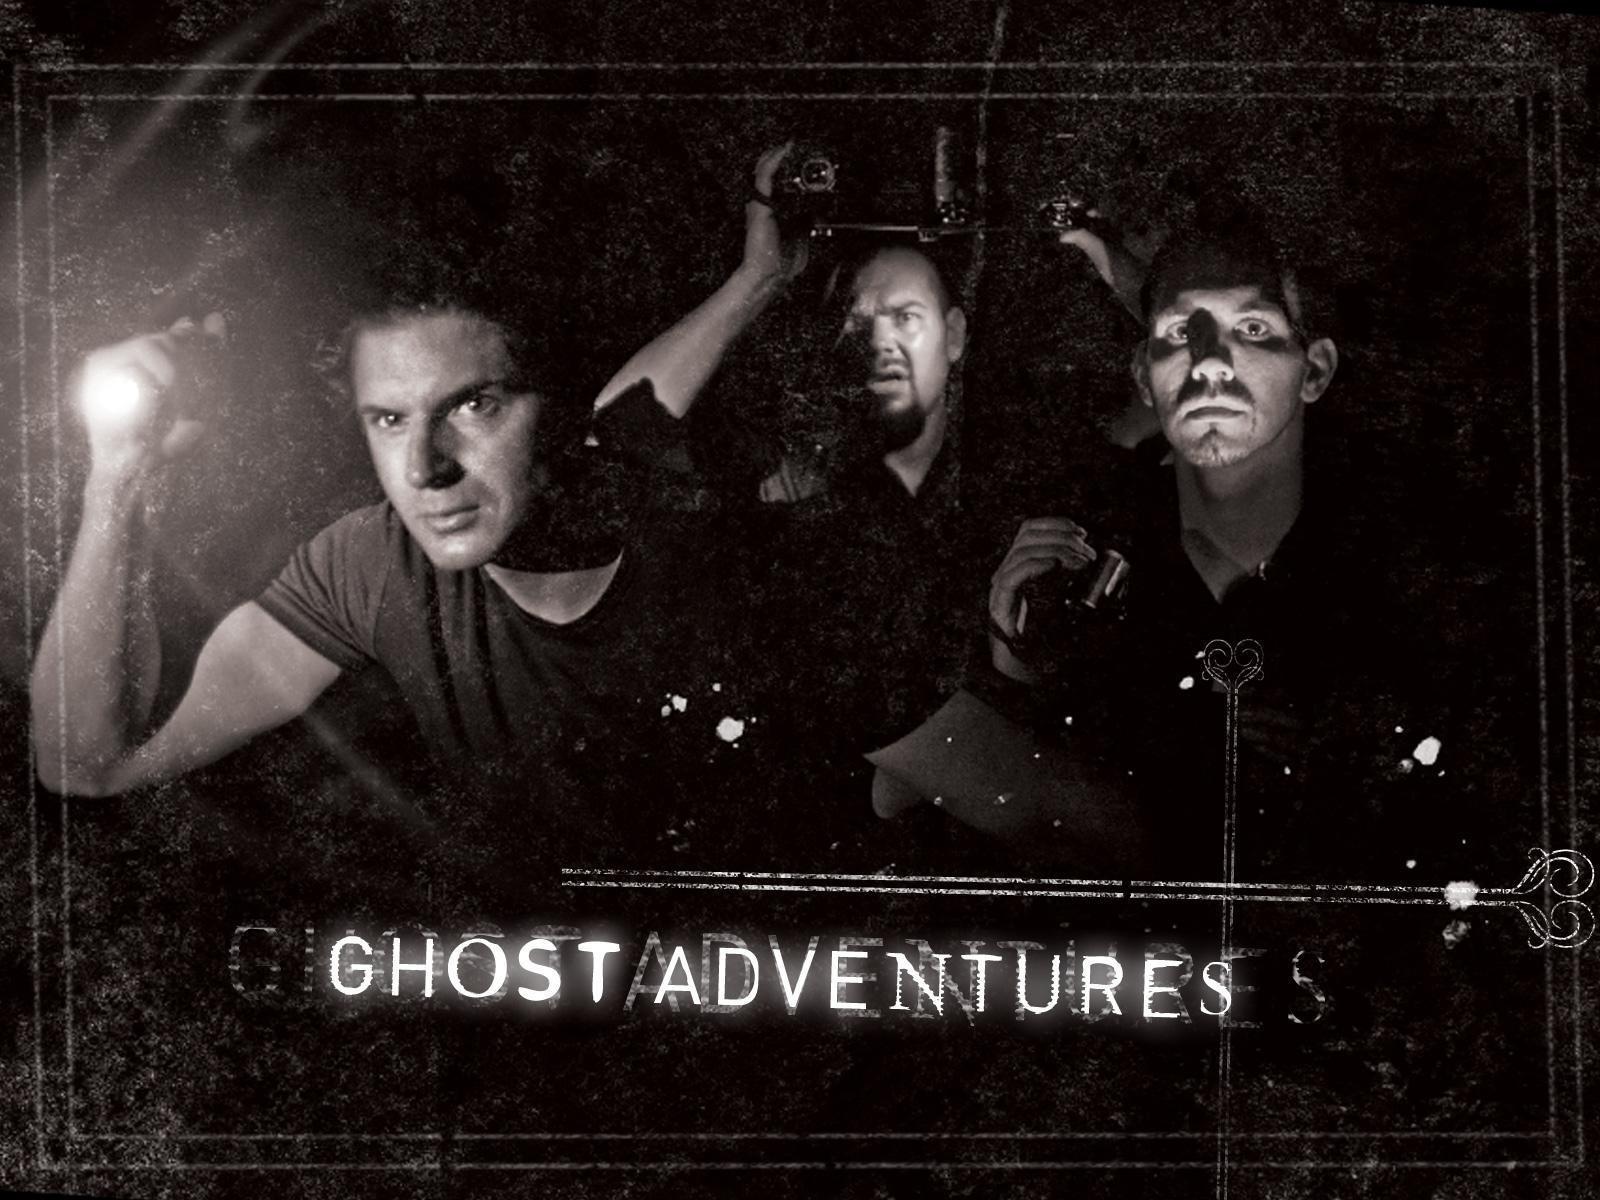 Watch Ghost Adventures Season 2 Prime Video